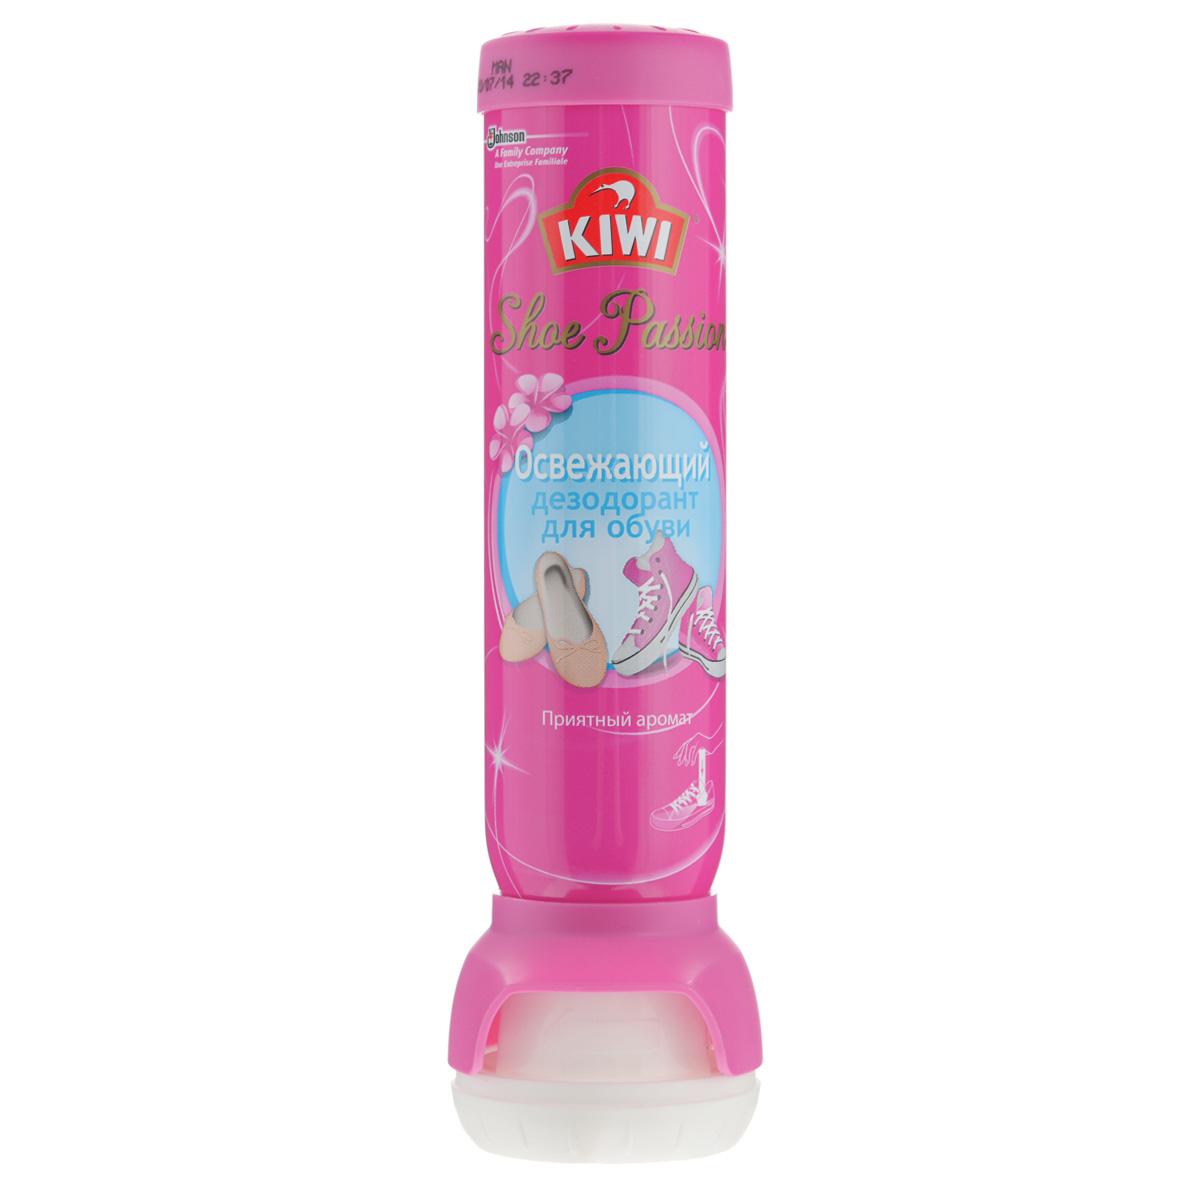 Дезодорант для обуви освежающий Kiwi Shoe Passion, 100 мл